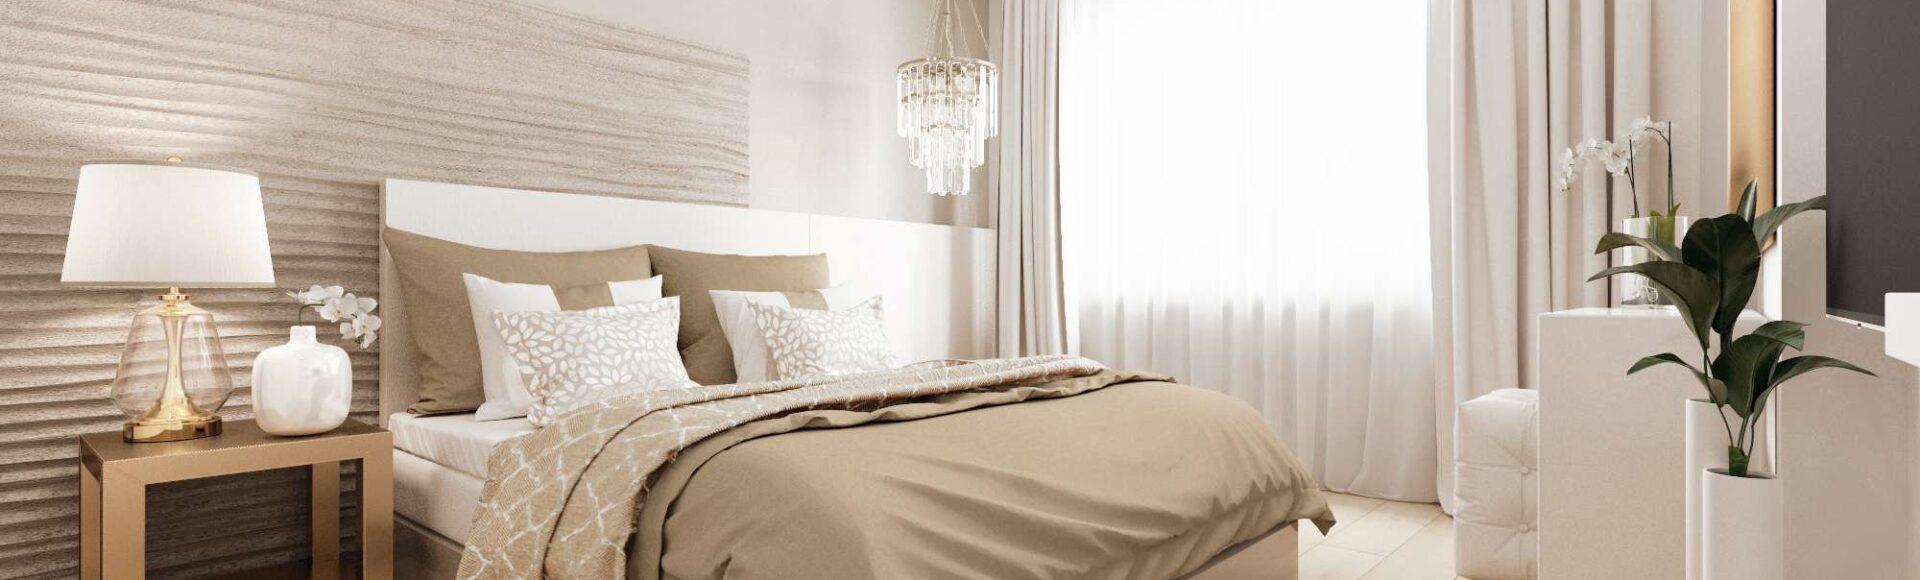 Как визуально увеличить маленькую спальню